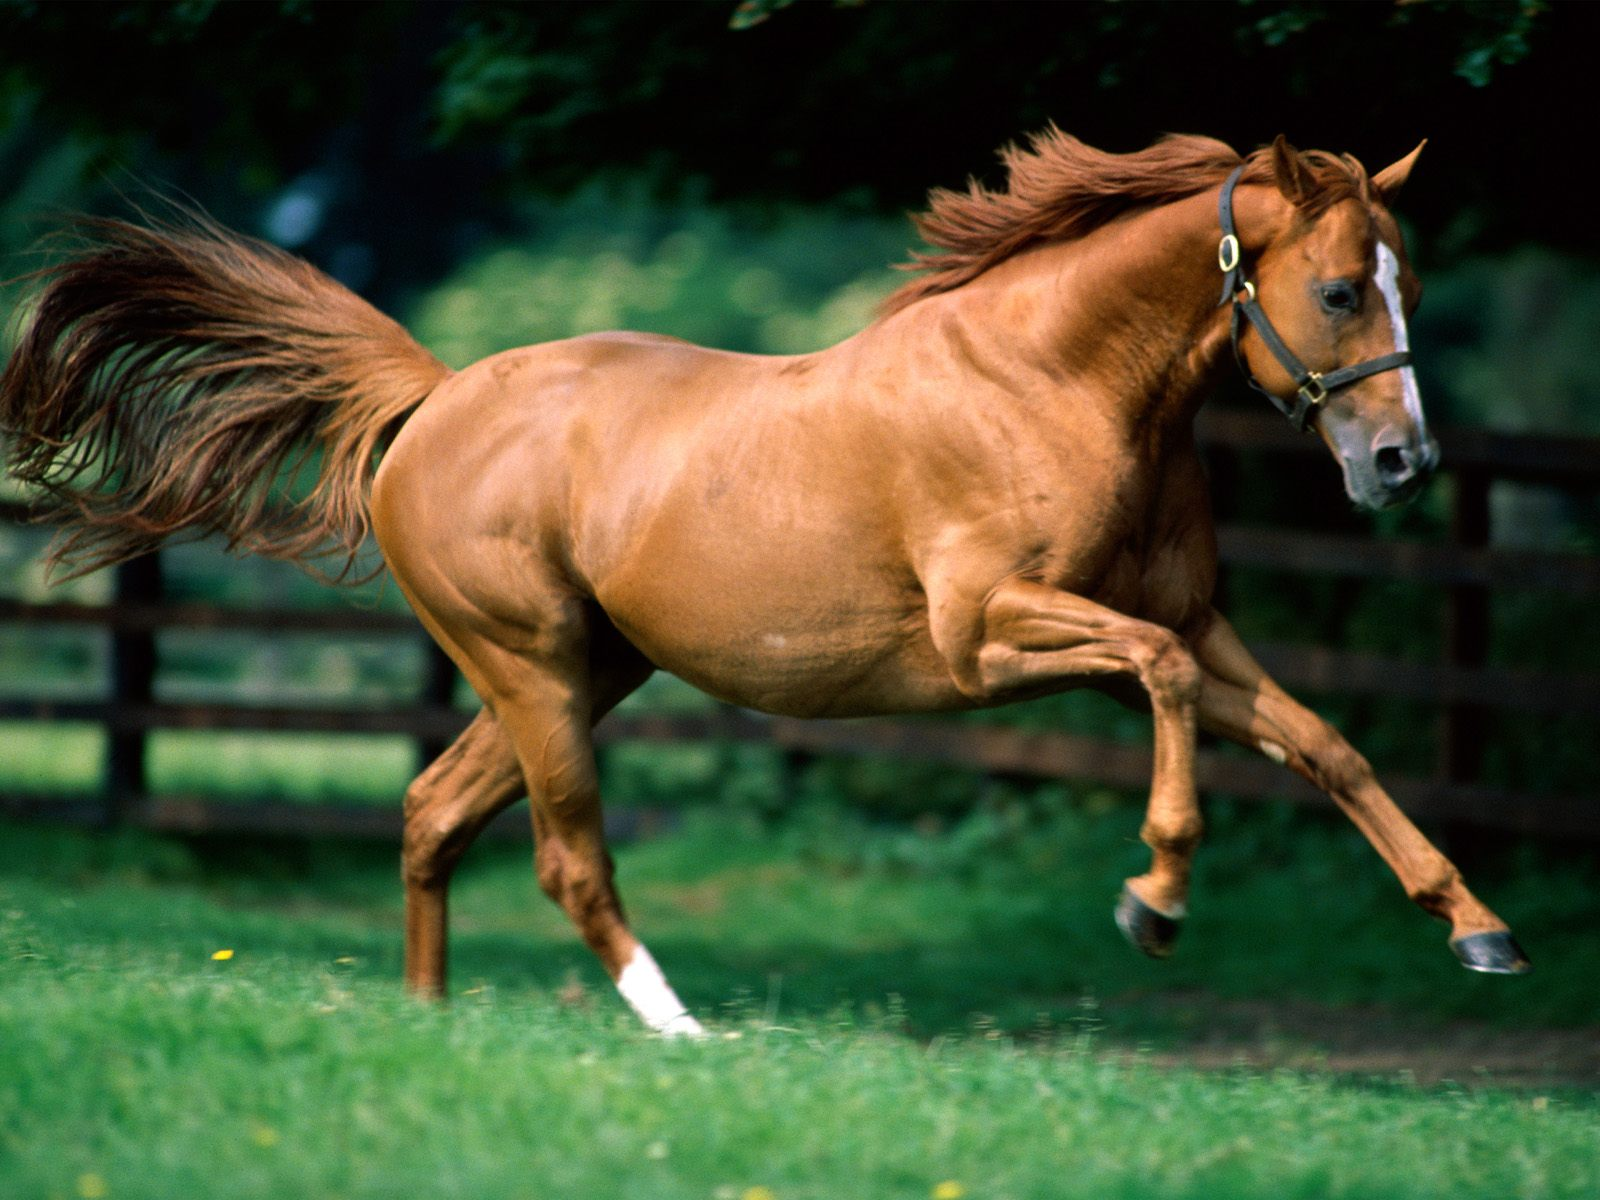 Daniel Sierra: Running Horses Wallpapers For Desktop